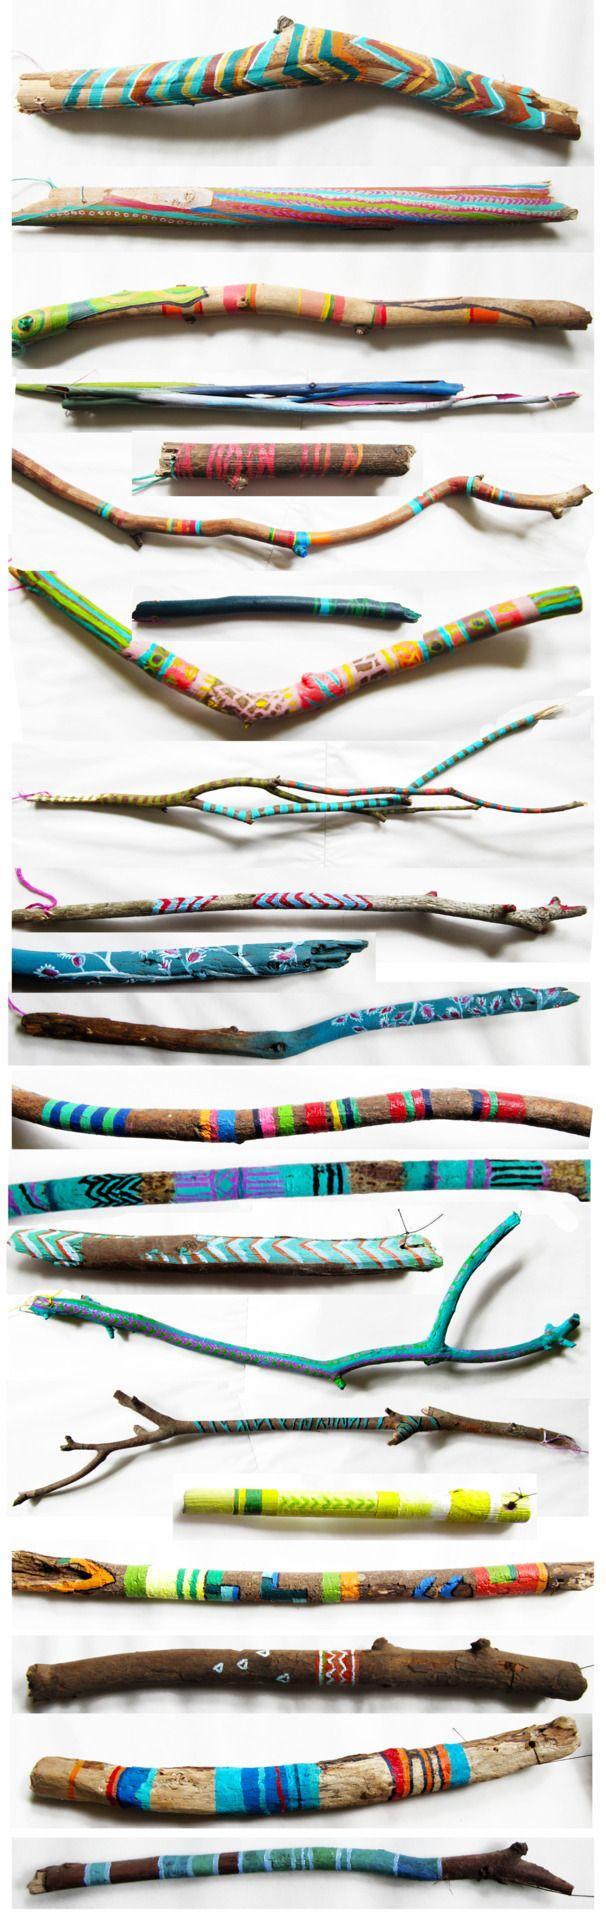 Detail work for kid's crafts. Abracadabra!